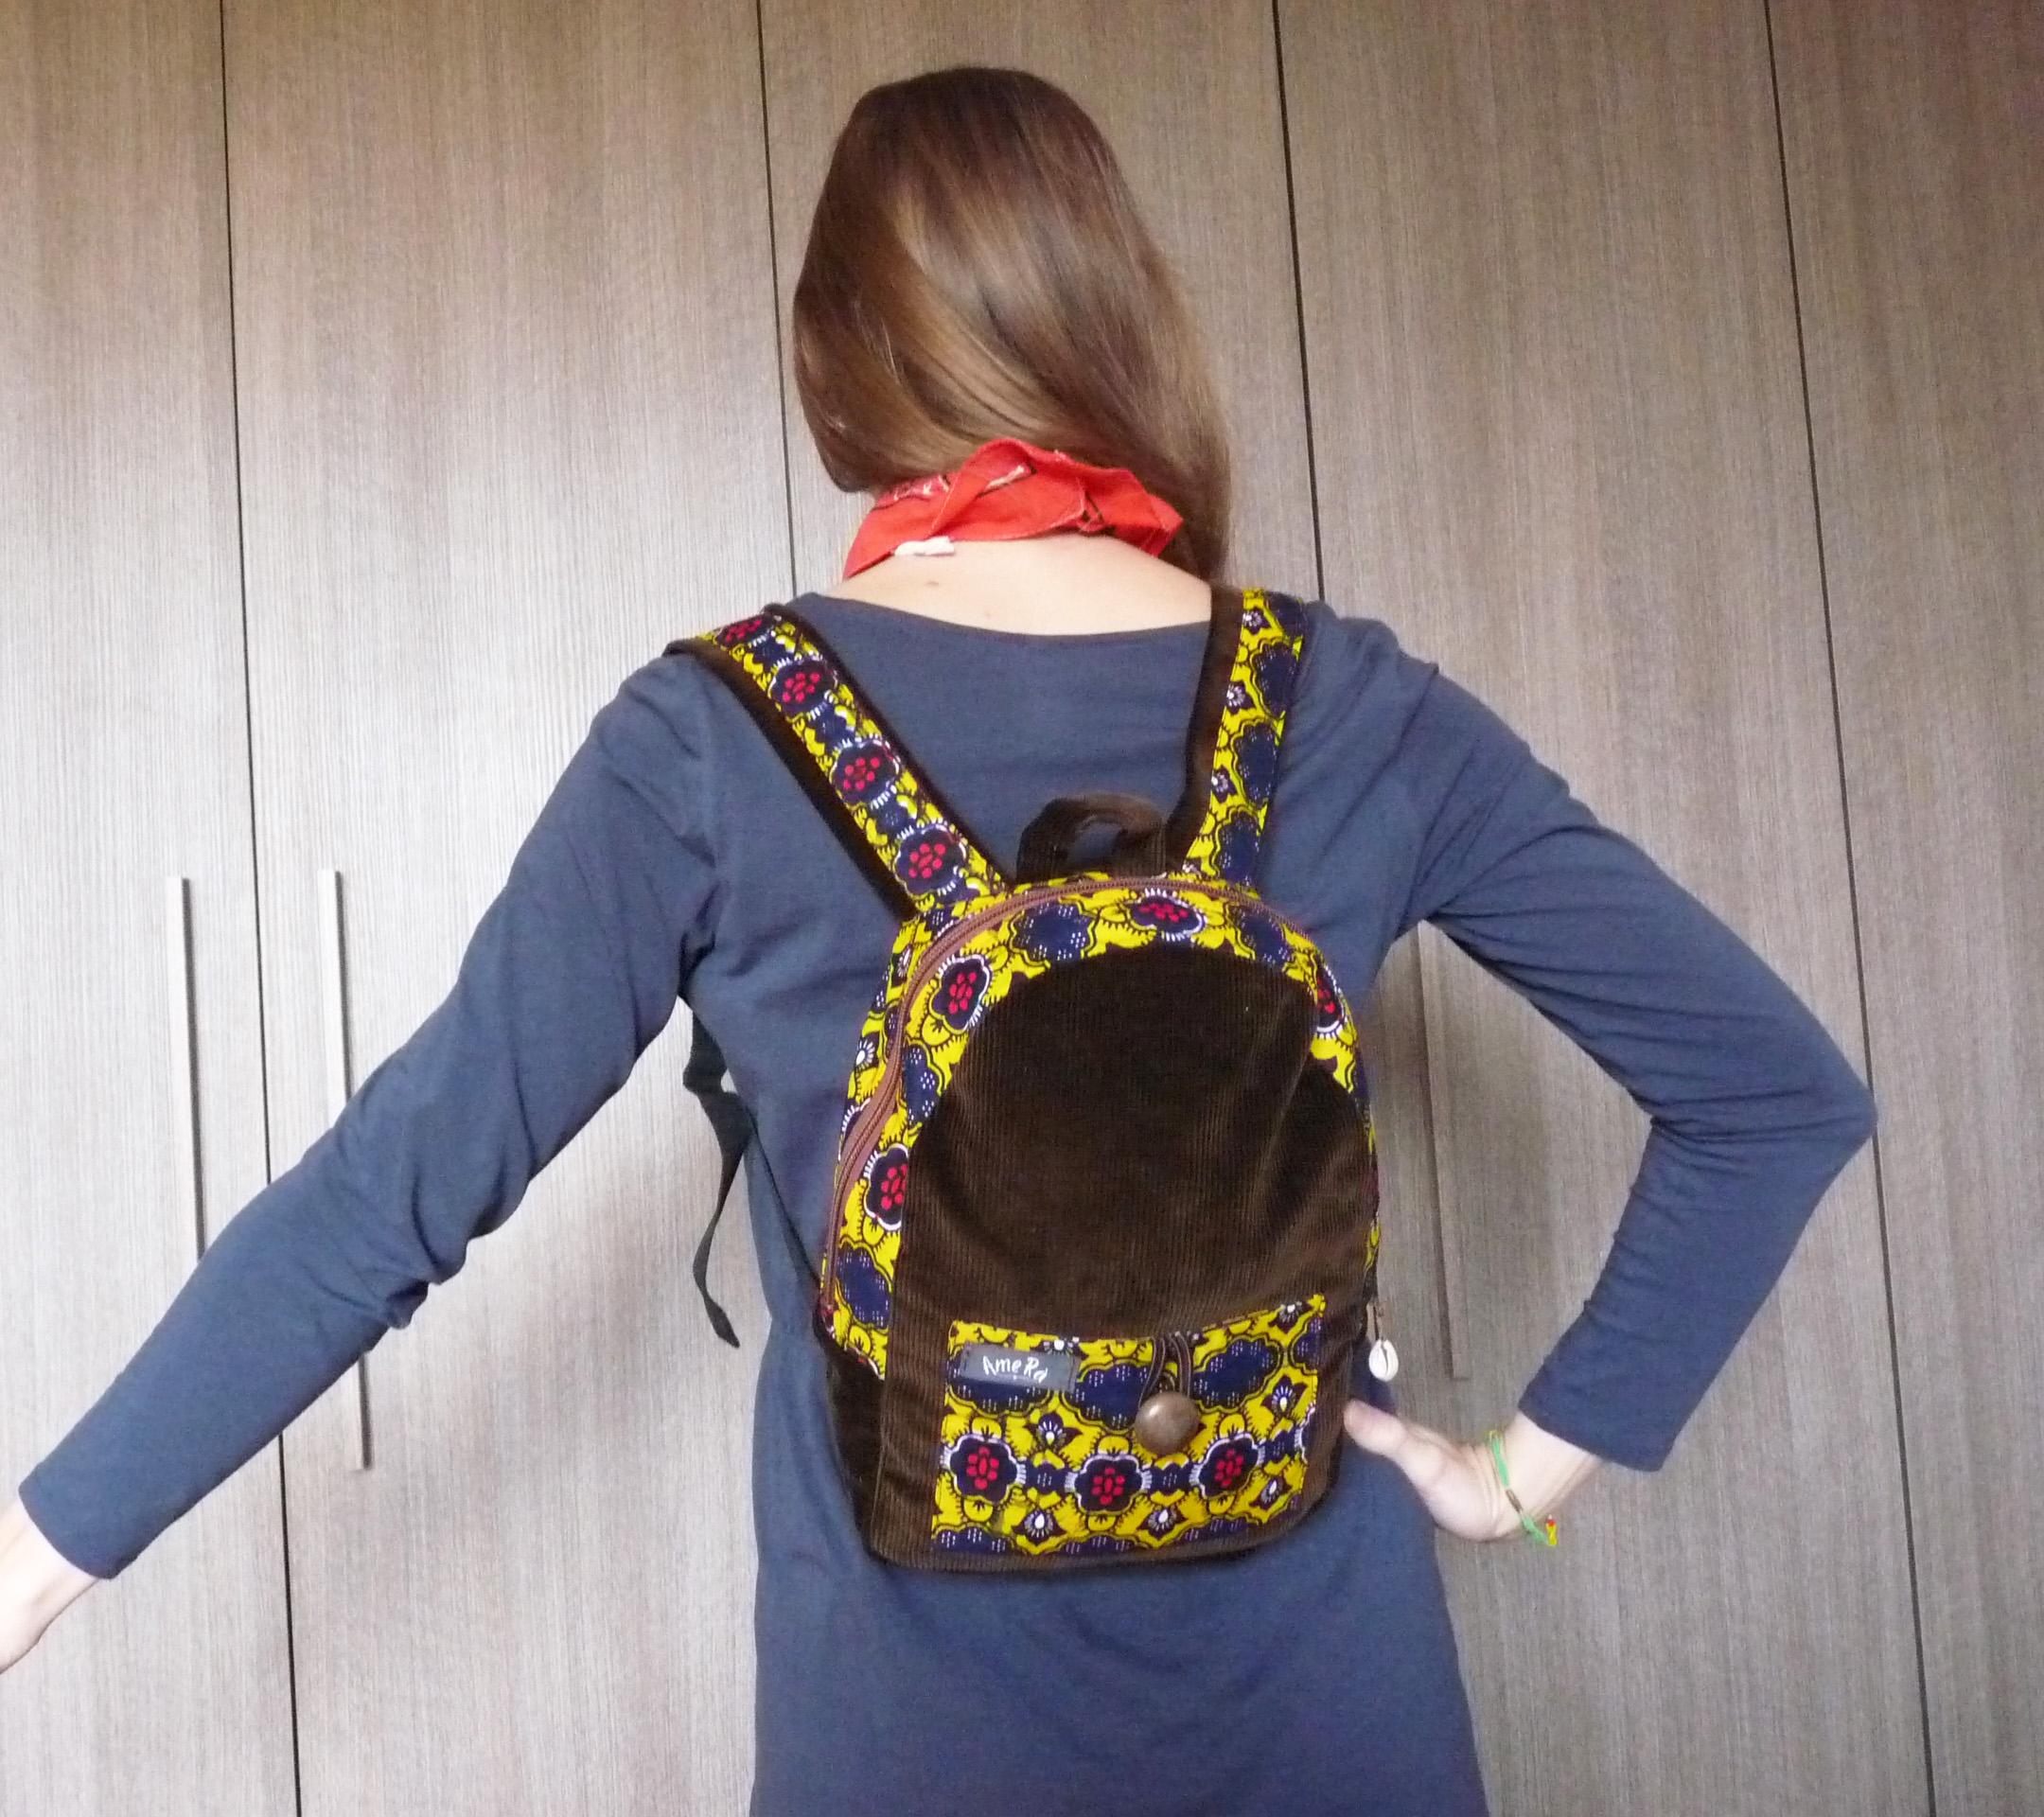 Petit sac à dos en velours marron et wax jaune